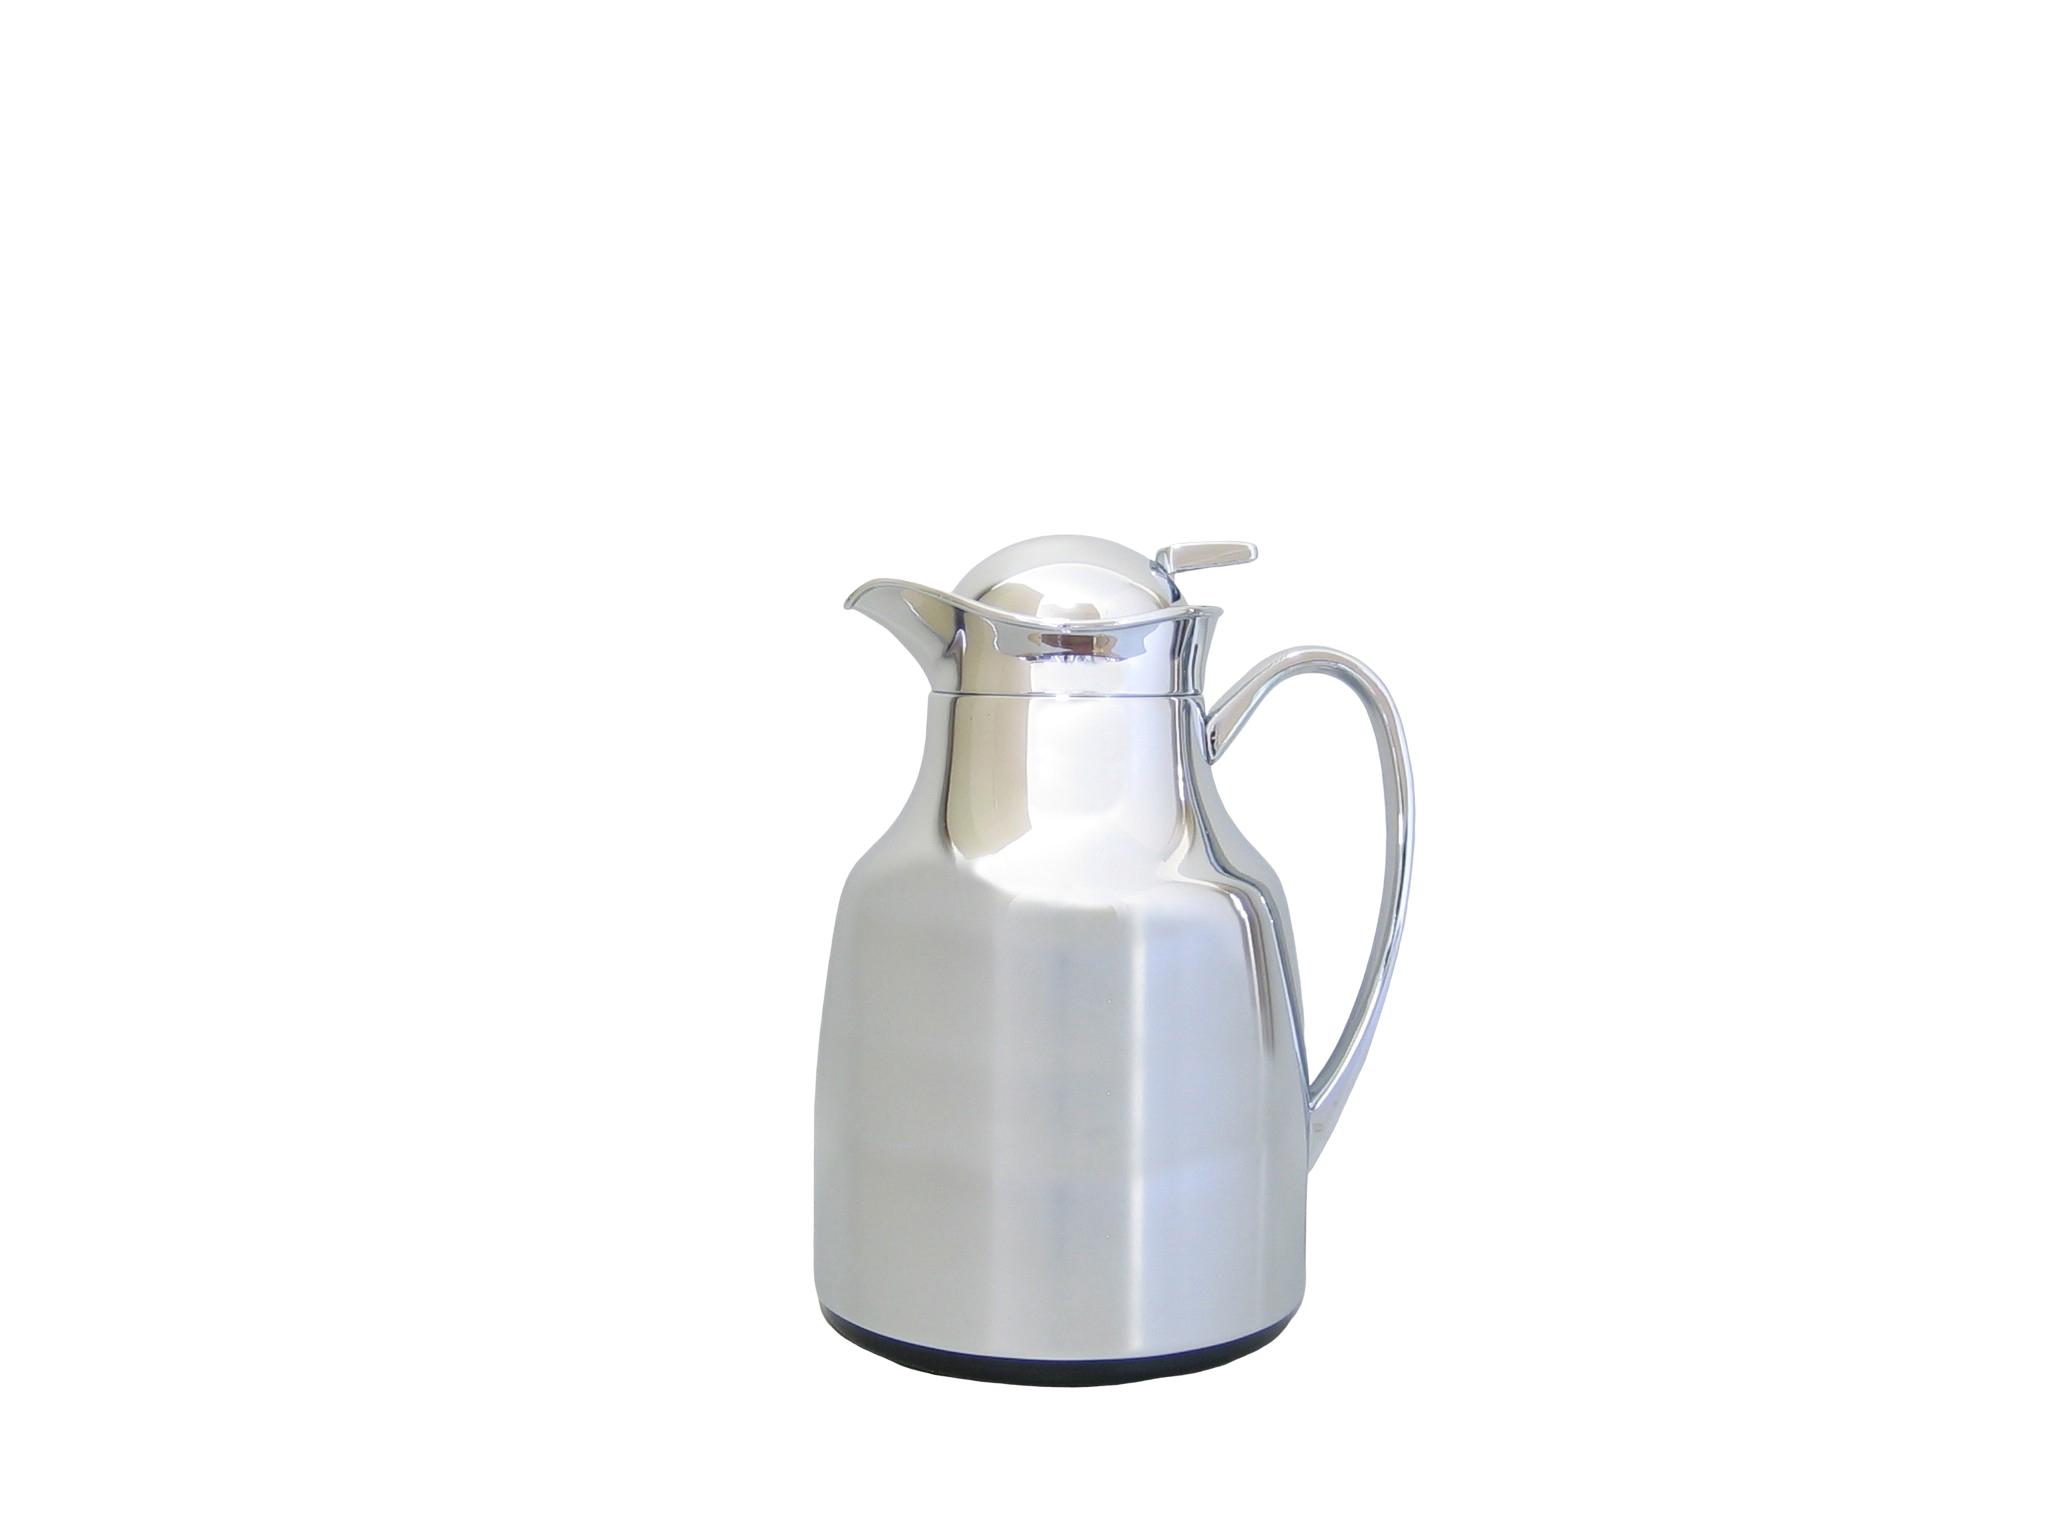 PRONTO06-904 - Top of the range vacuum carafe 0.6 L (ALLEGRA) - Isobel Classic